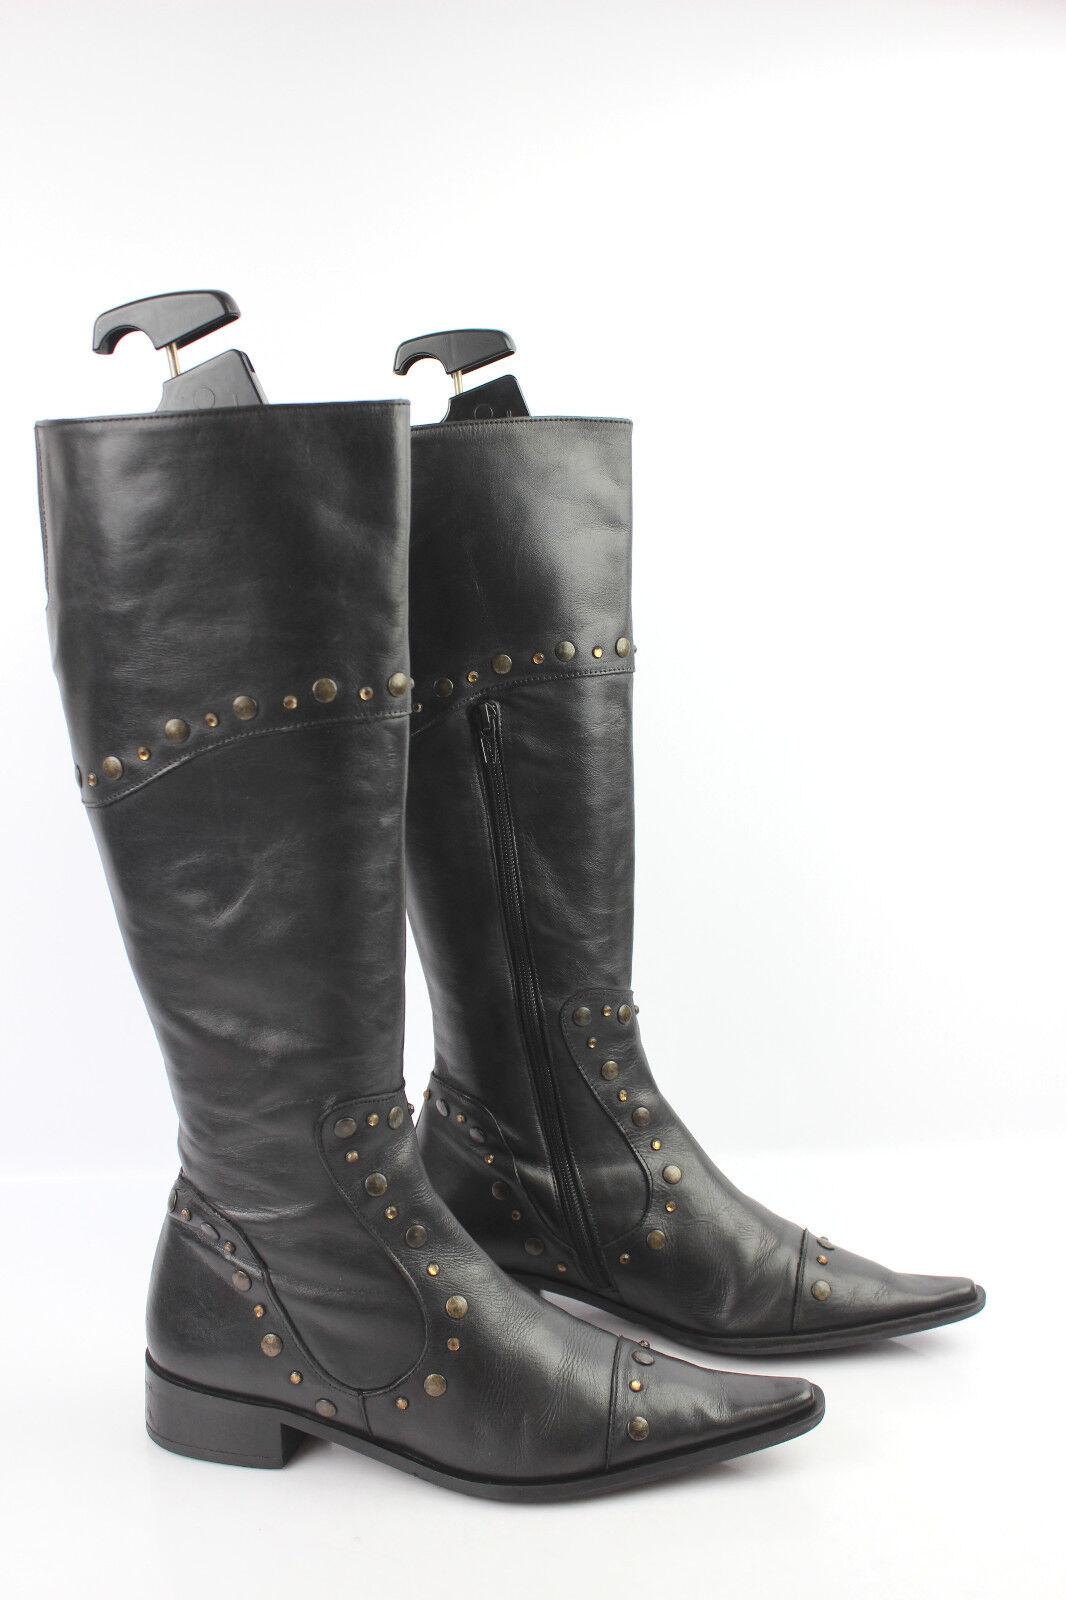 Stiefel t MYMA Leder Nietenbesetzt und Strass schwarz t Stiefel 37 sehr guter Zustand f889f6